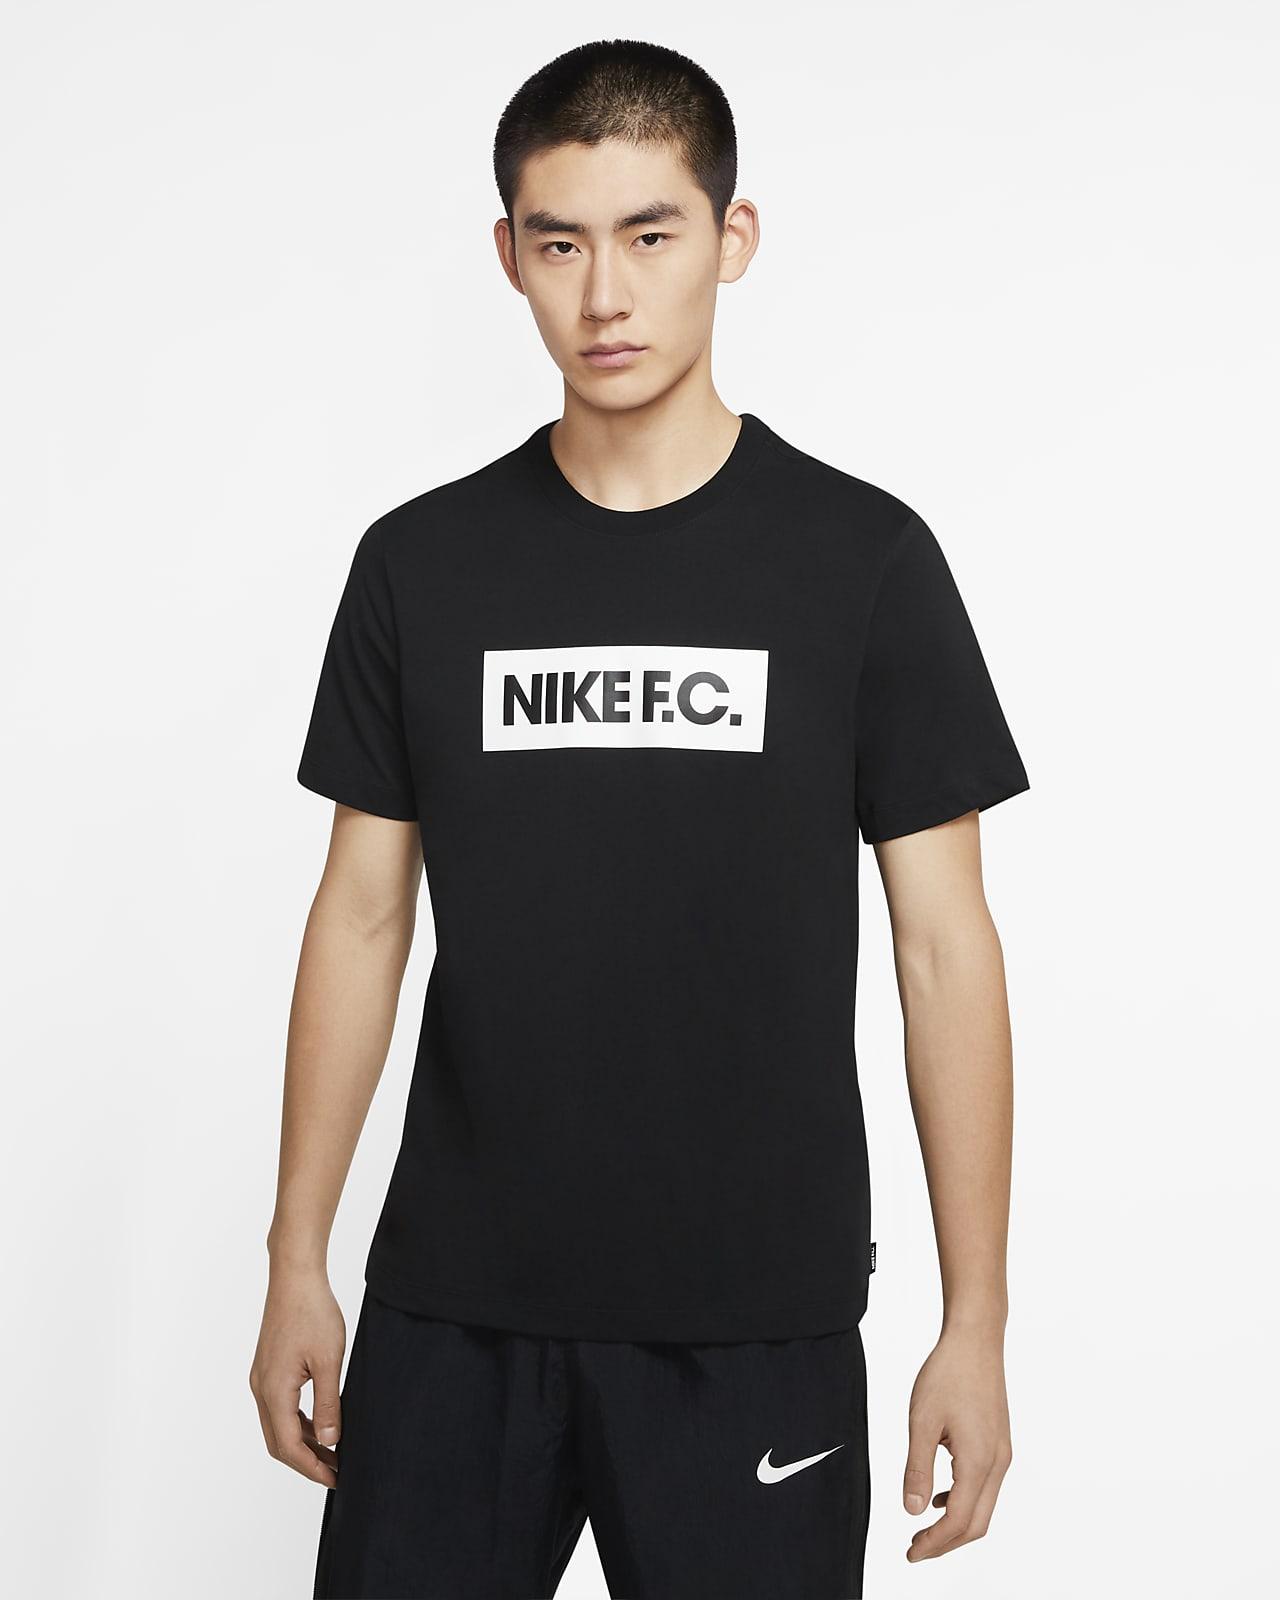 ナイキ F.C. メンズ サッカー Tシャツ